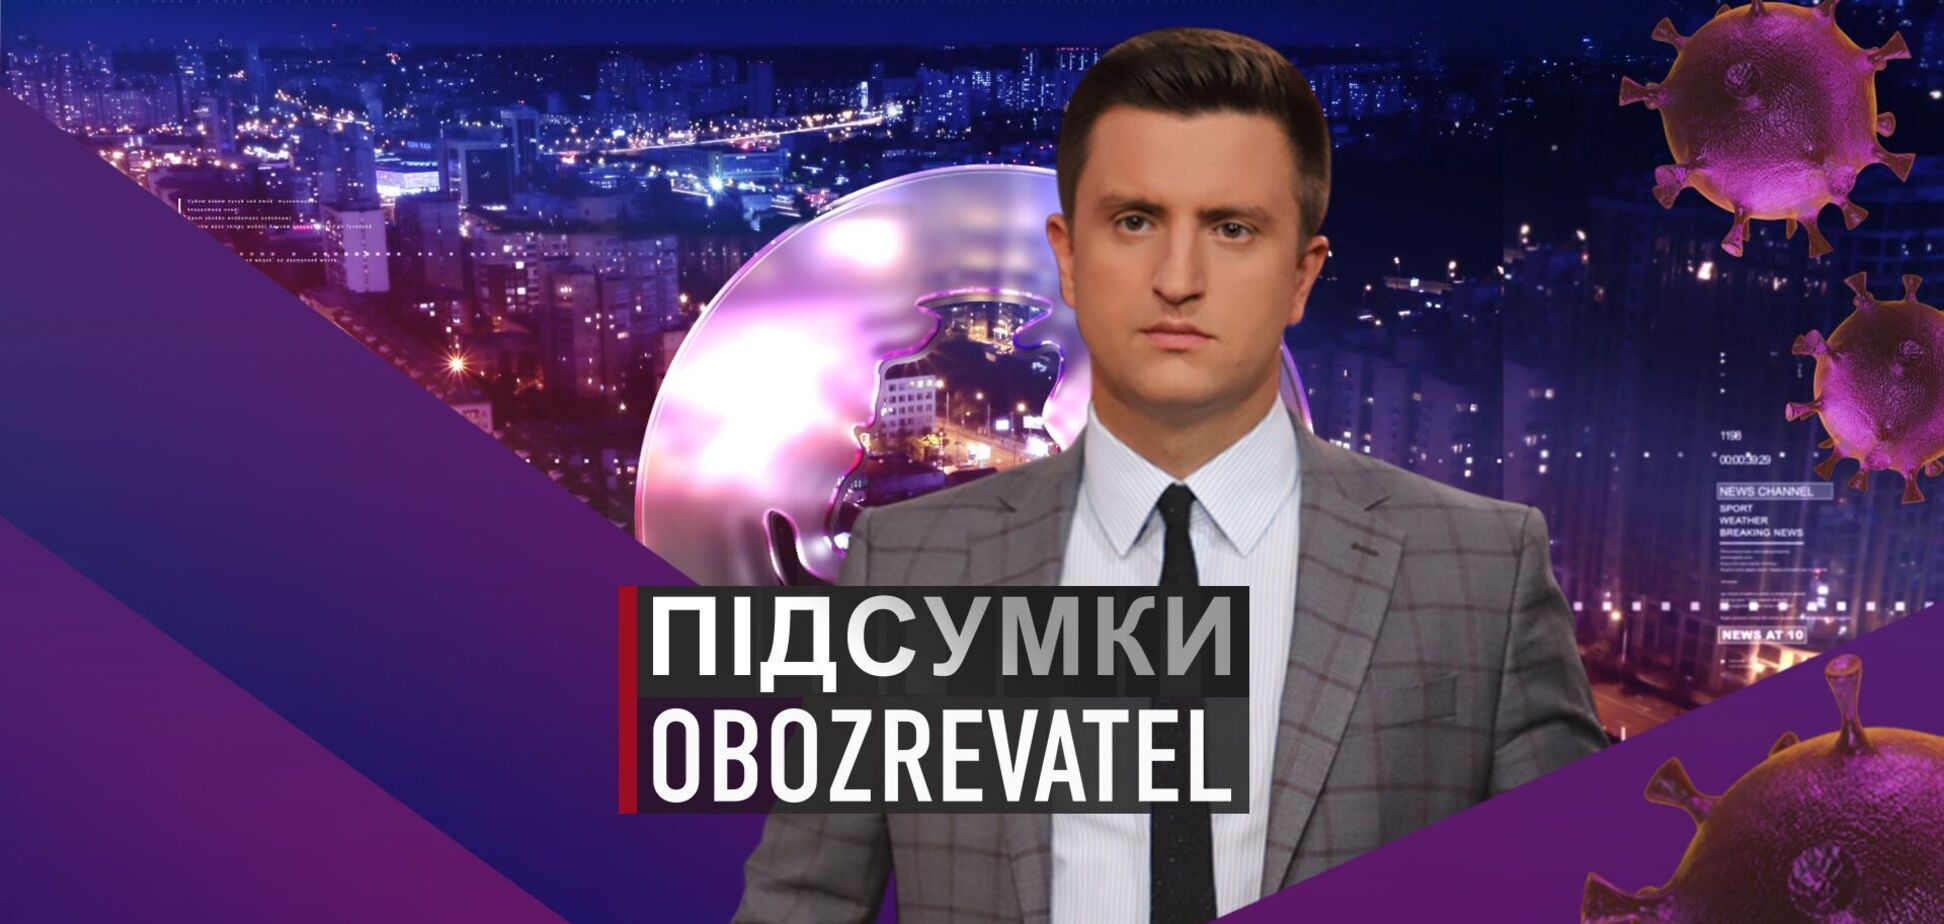 Підсумки з Вадимом Колодійчуком. П'ятниця, 12 березня